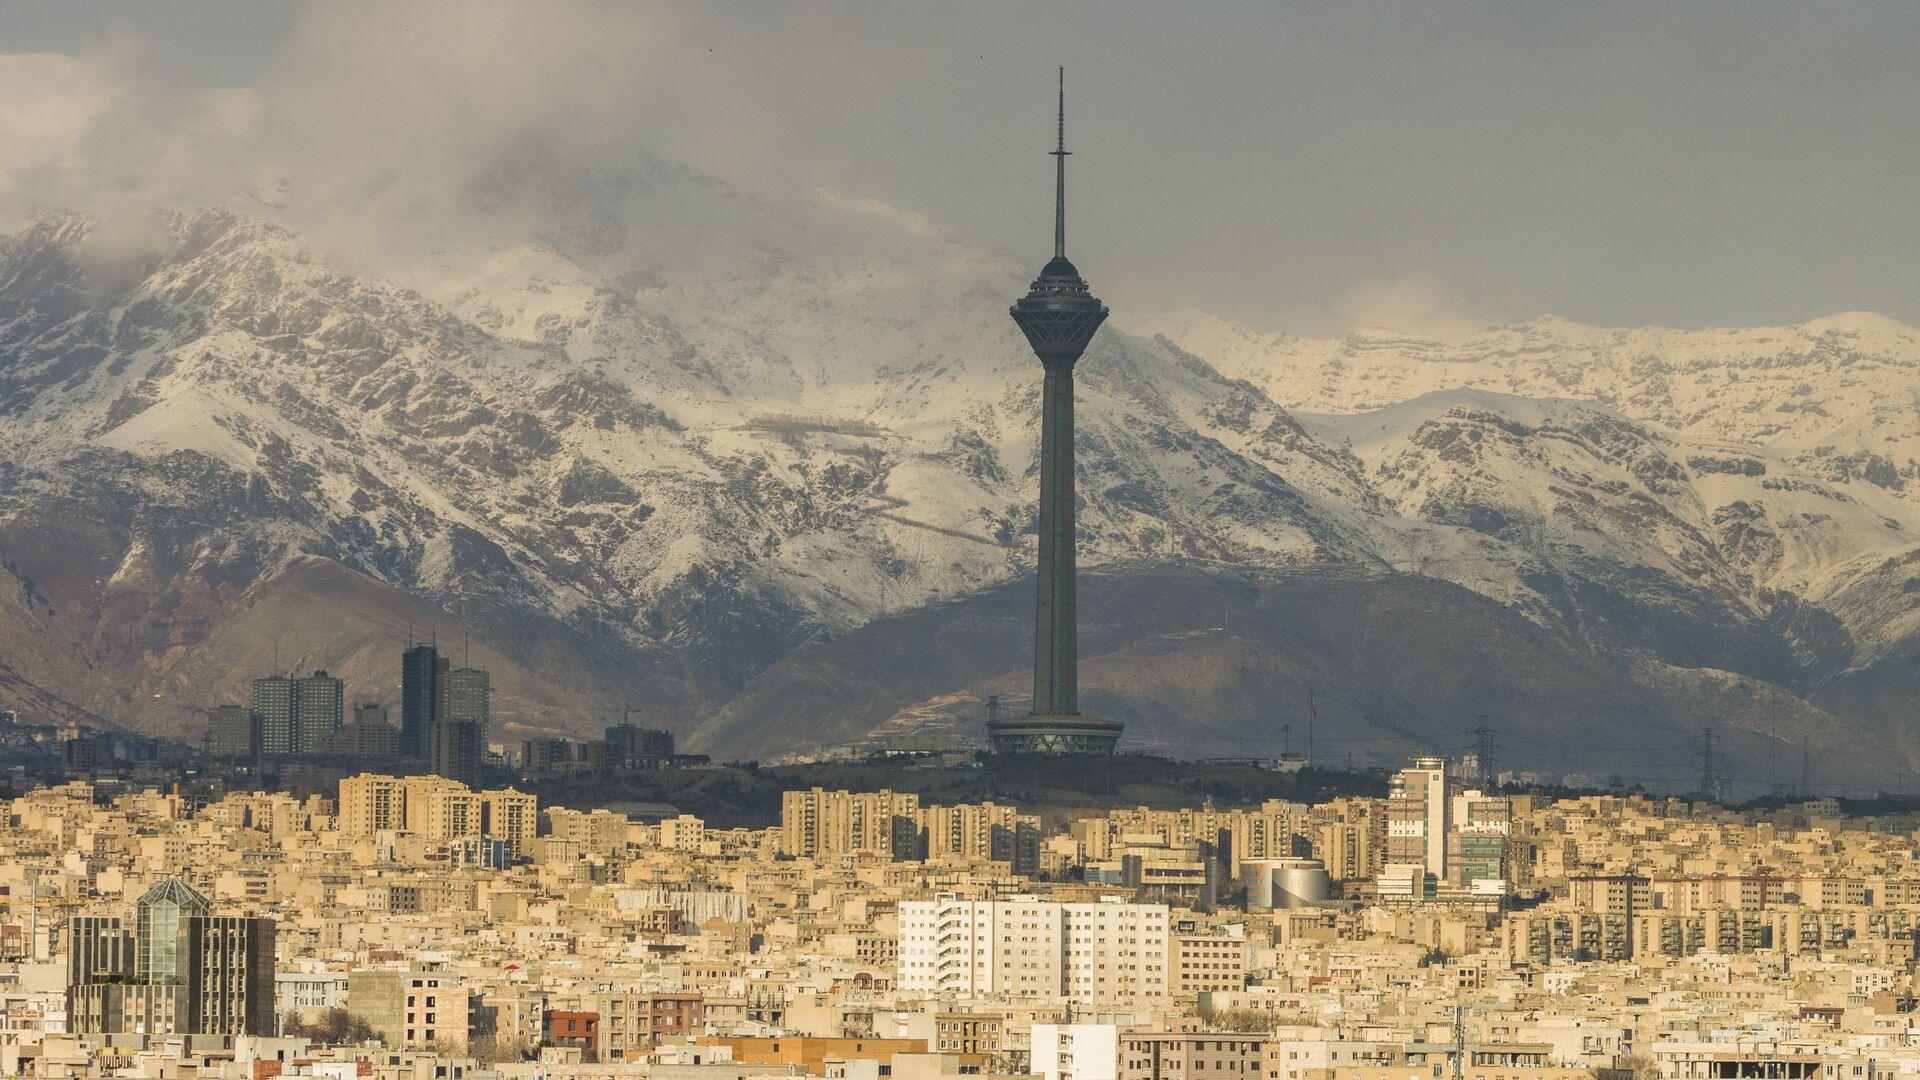 Панорама Тегерана, Иран - РИА Новости, 1920, 18.09.2020